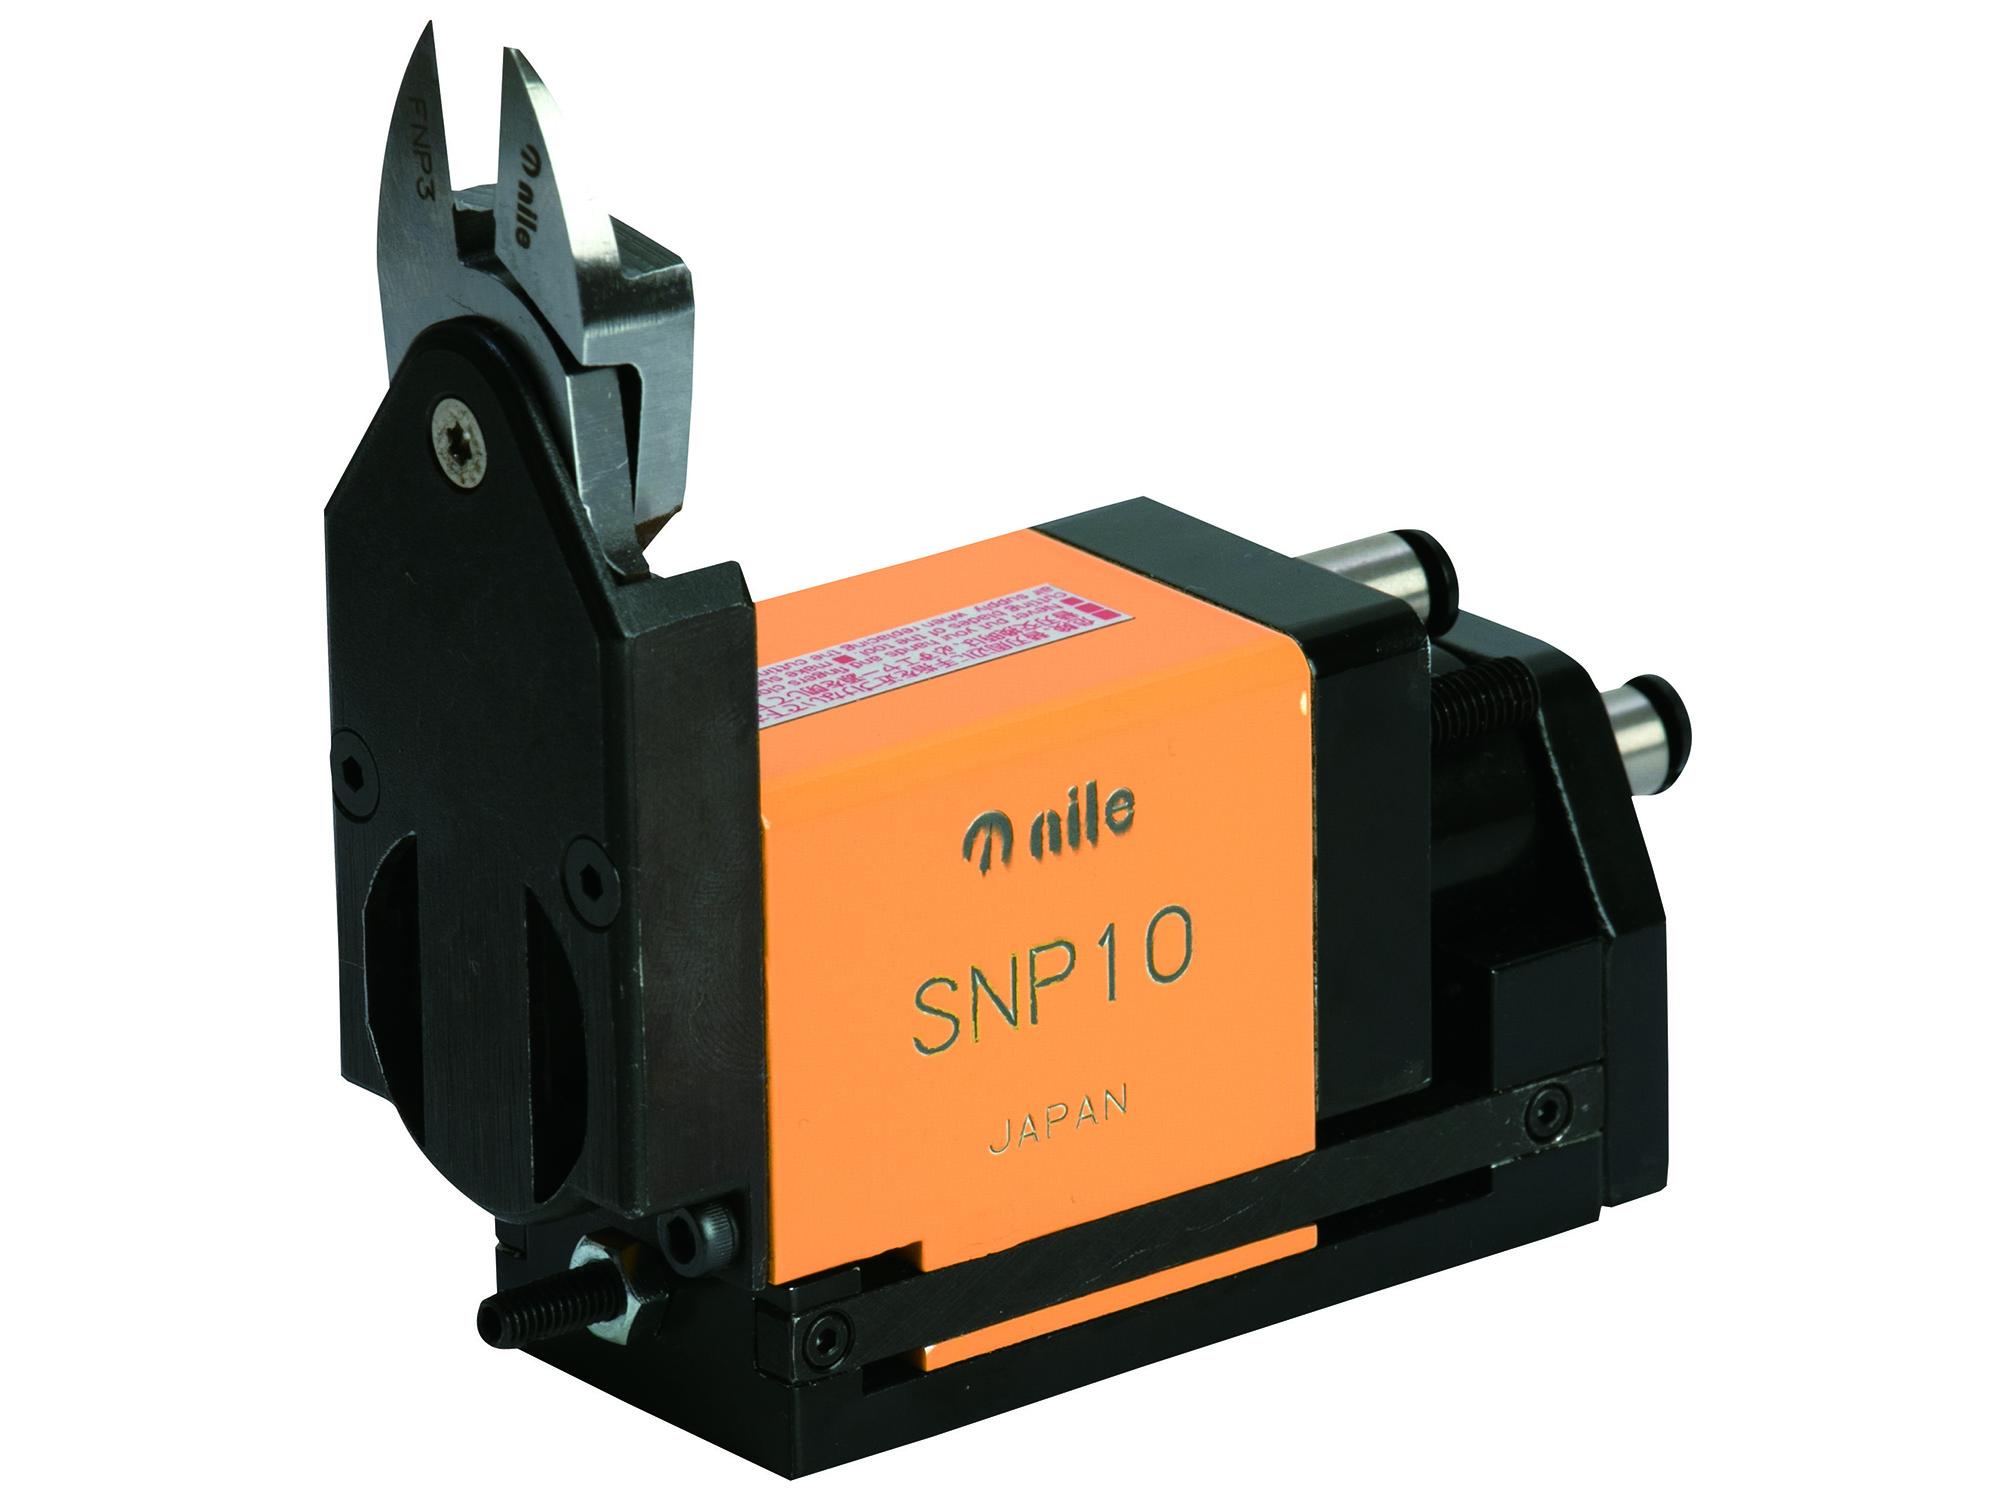 SNP型 ゲートカット用エアーニッパ 押し切りタイプ